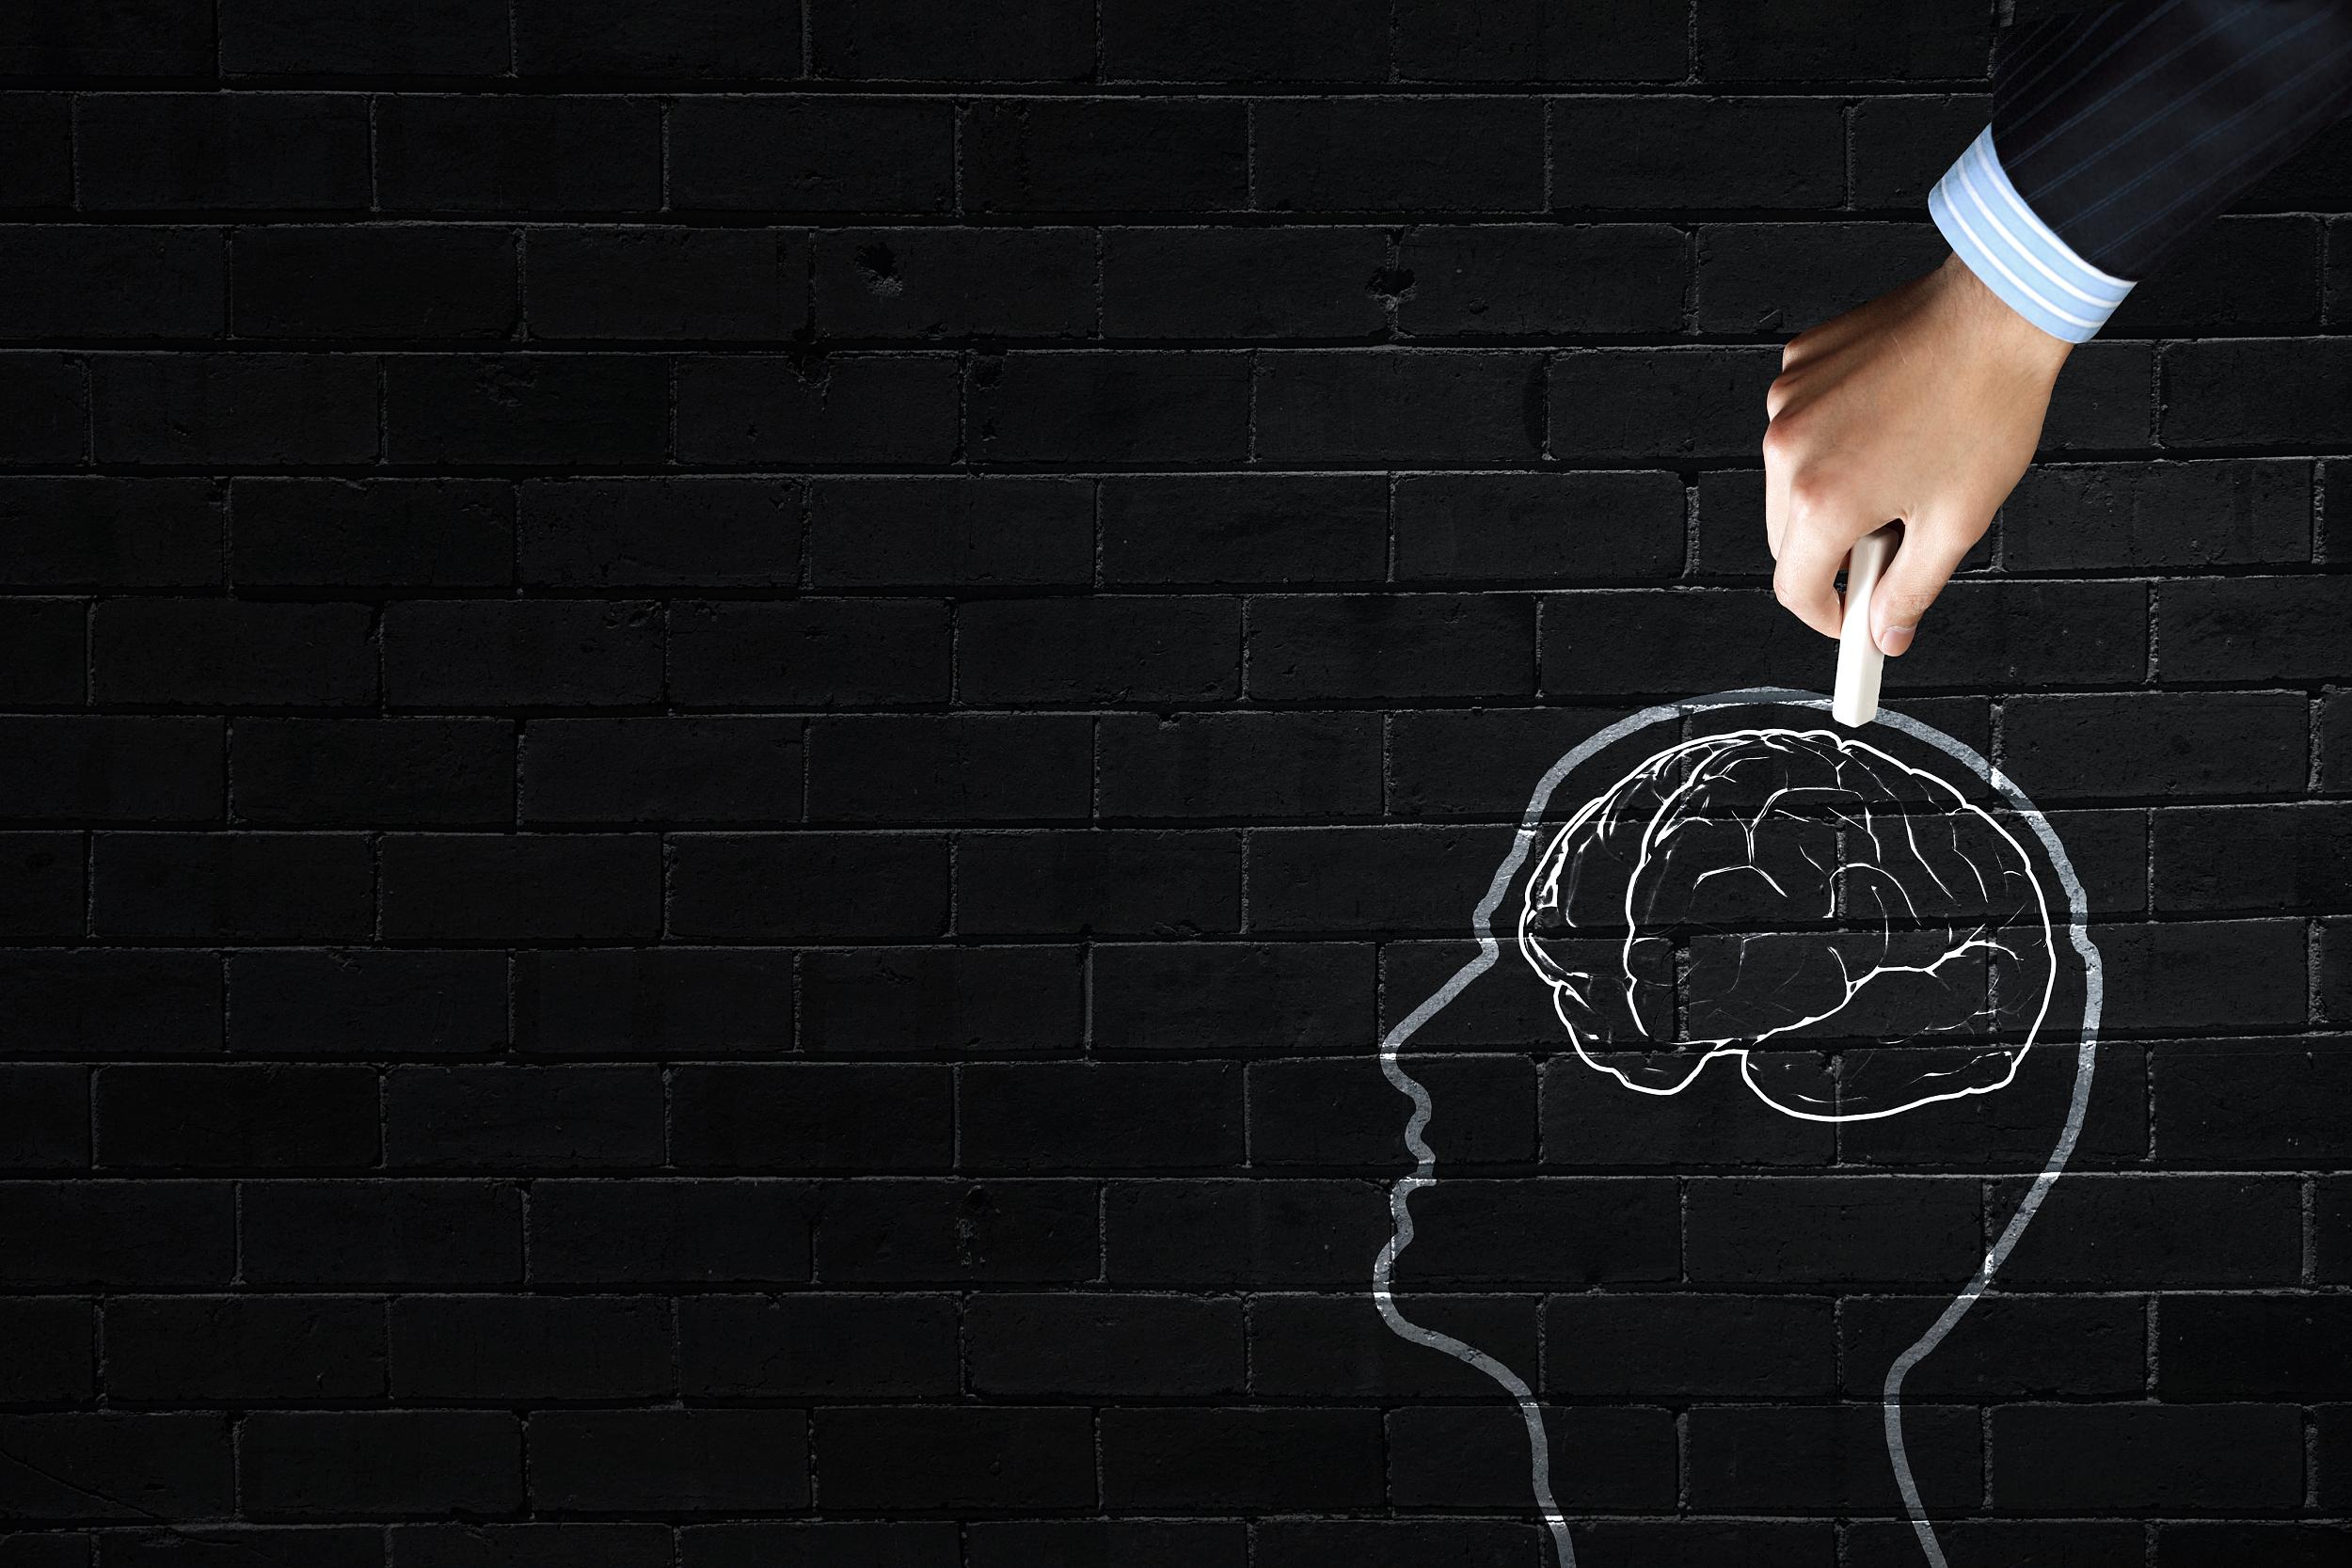 学得越多脑子越乱,怎么办?